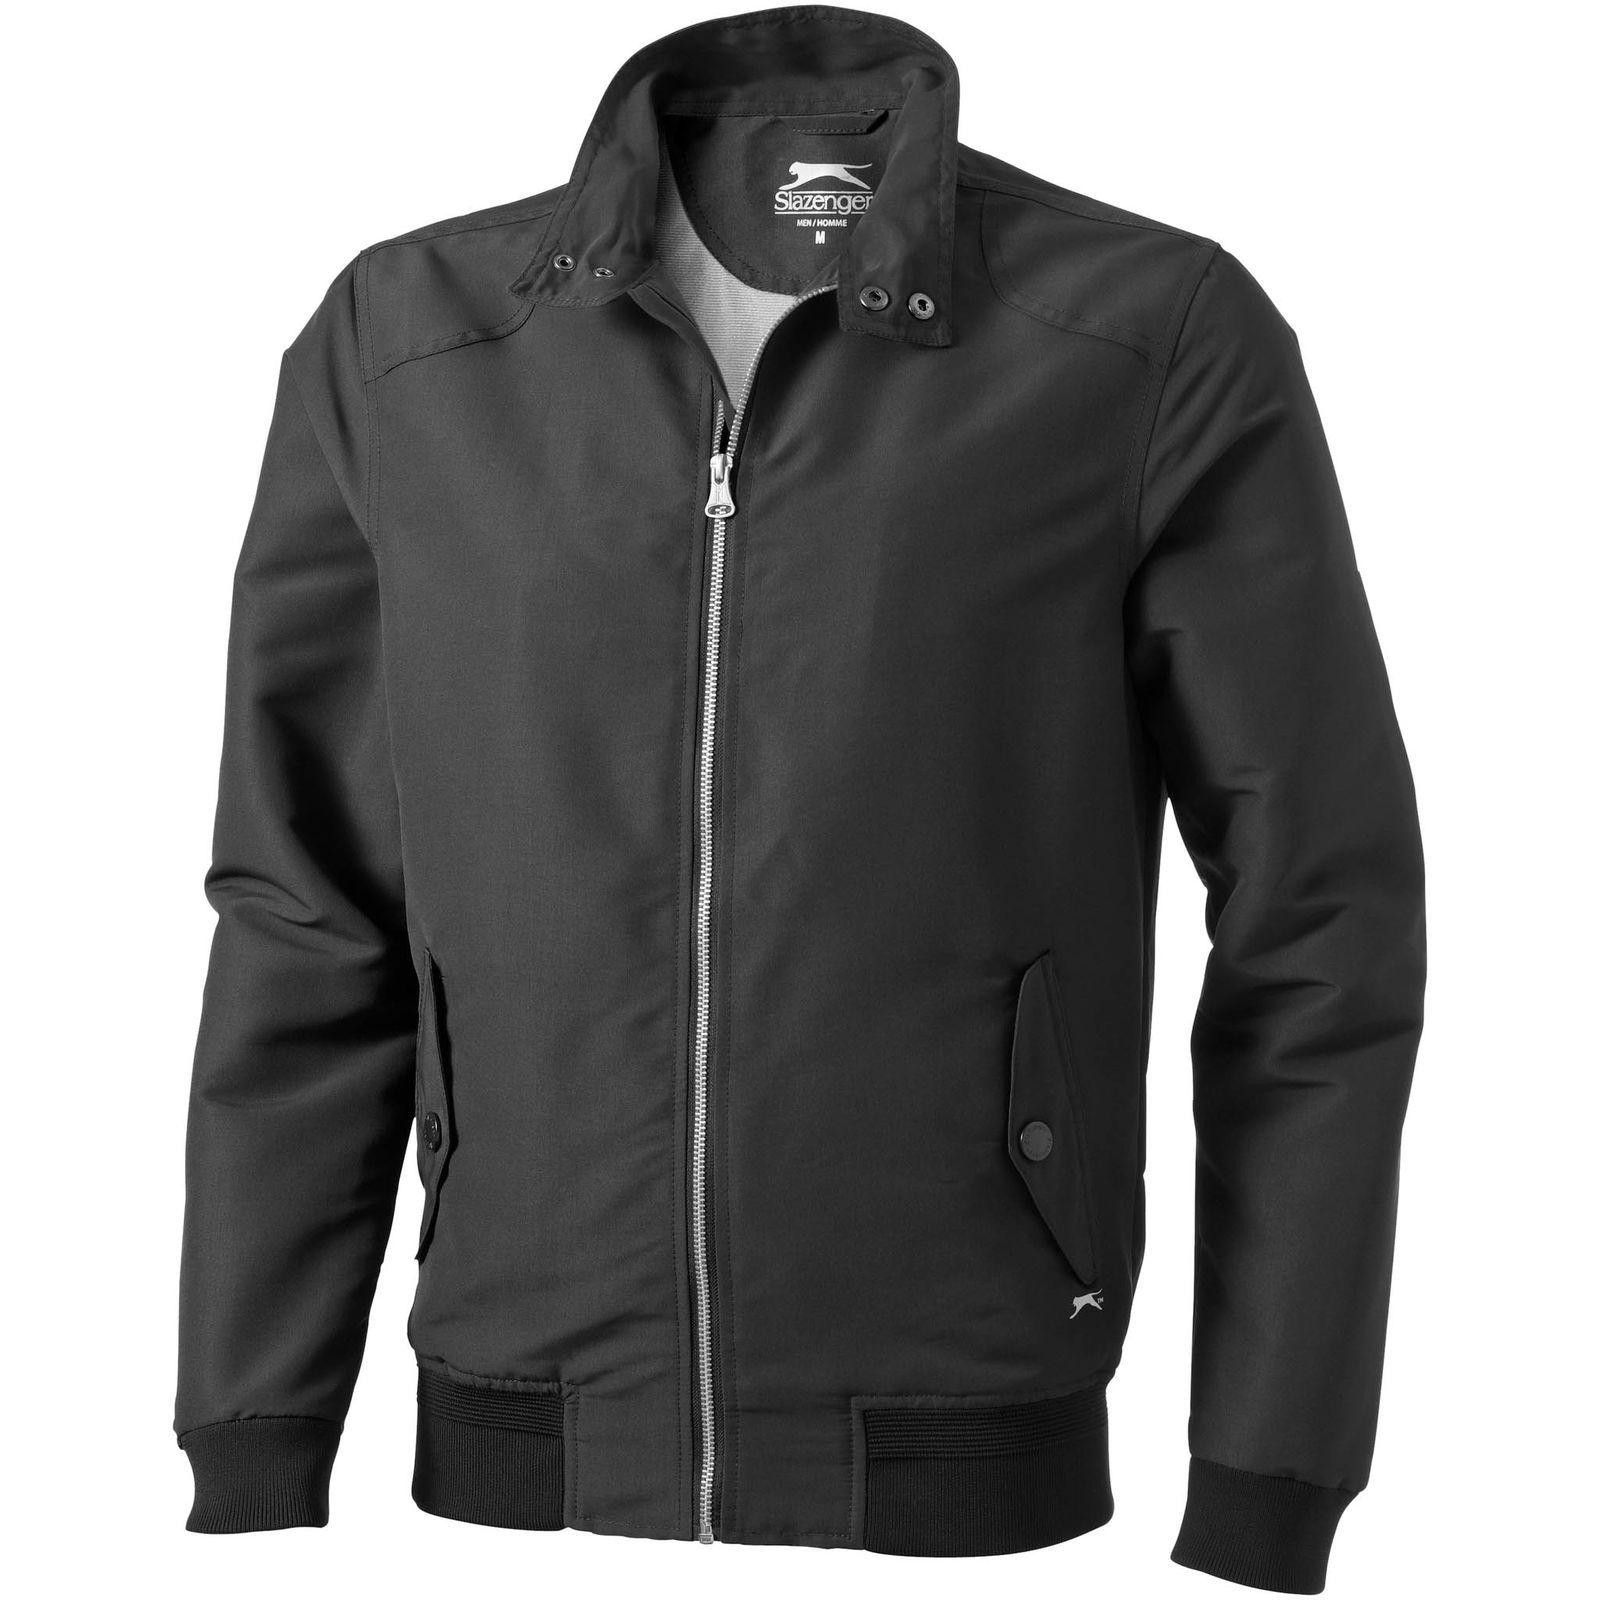 new style 1469a c576c veste-polaire-hawk-irun-personnalisee-homme-noir.jpg